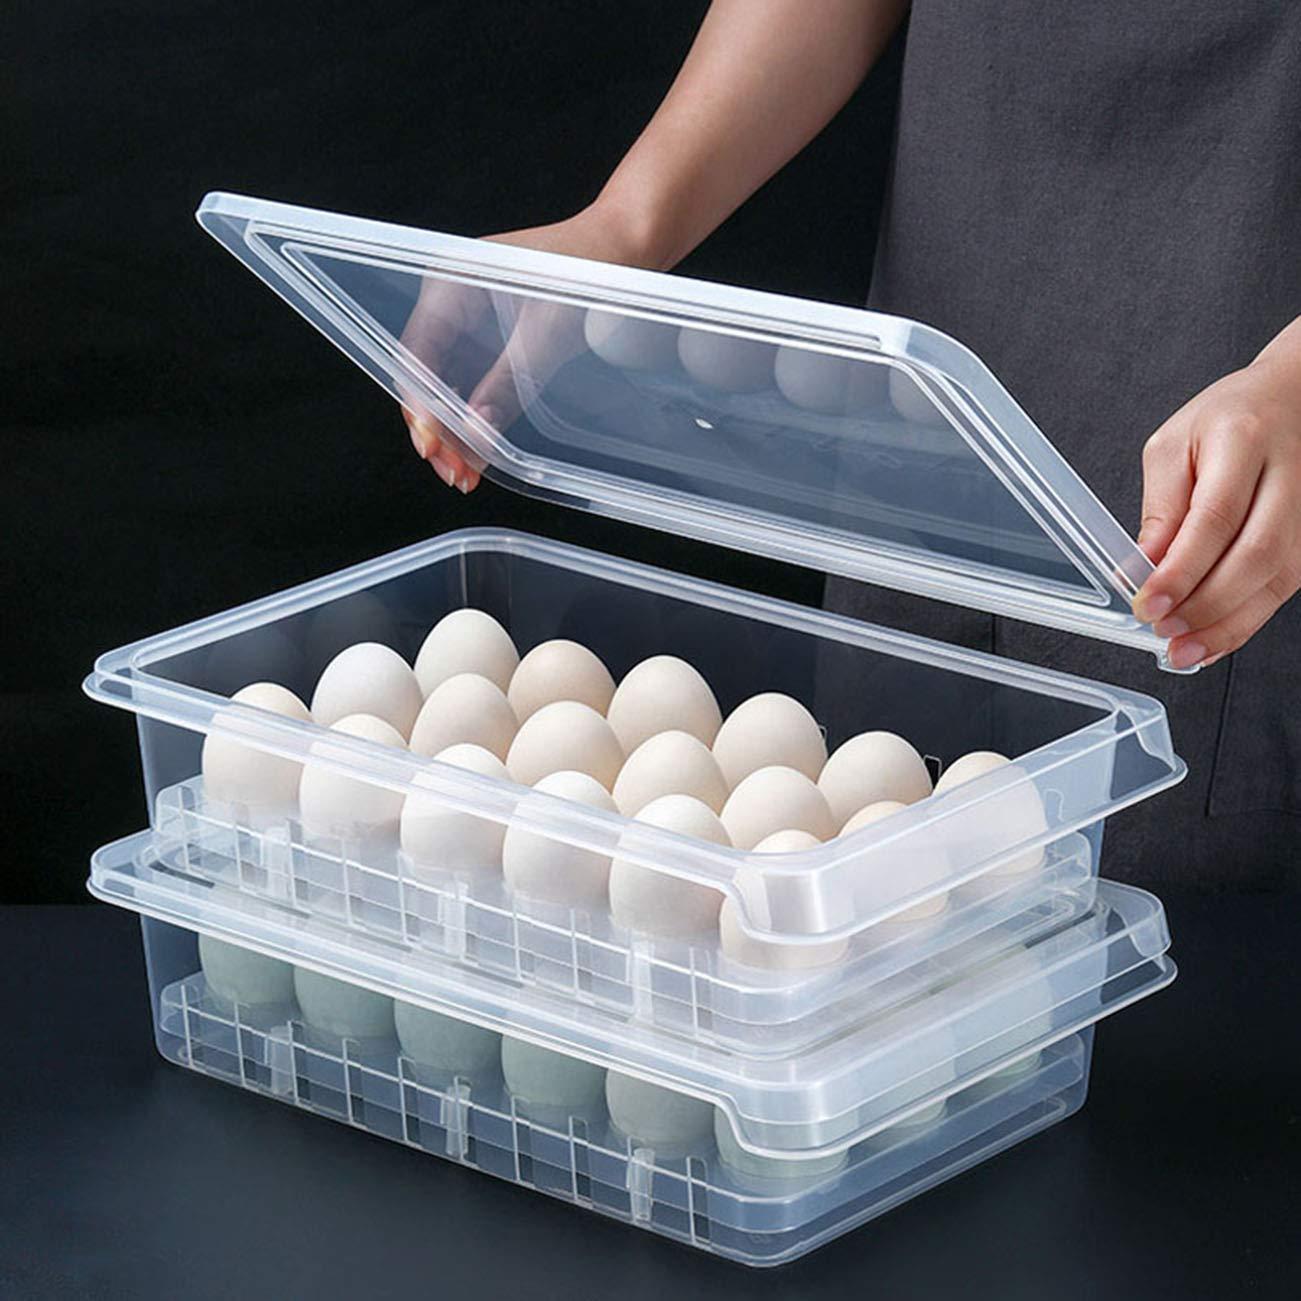 Transparent 18 Eggs Holder Storage Box Kitchen Refrigerator Fresh-Keeping Container Storage Organiser (Transparent)